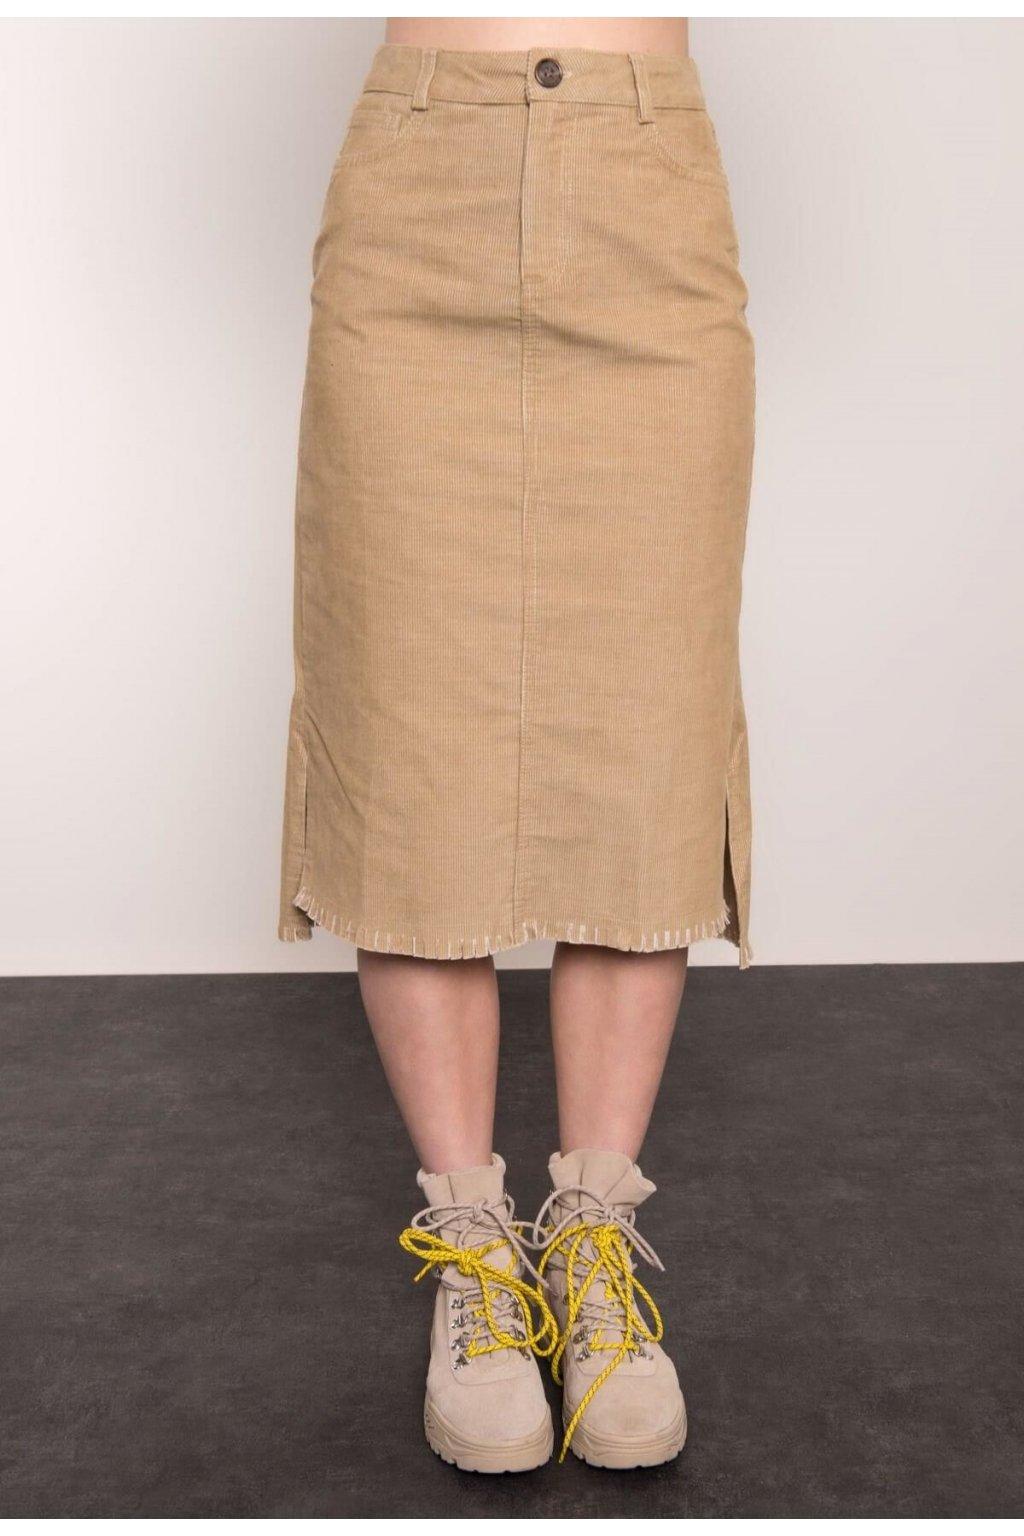 Béžová dámská pouzdrová sukně